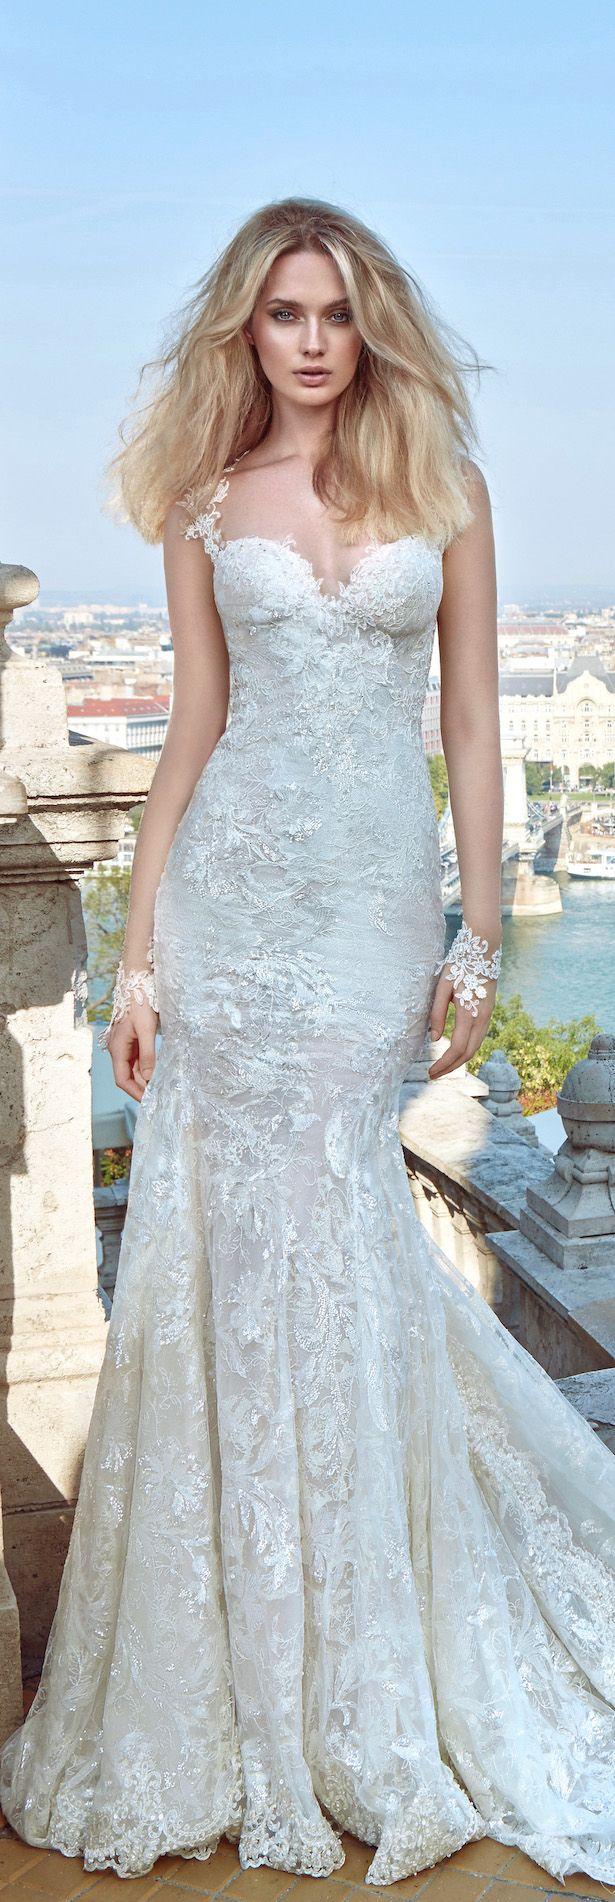 Alfred angelo dream maker wedding dress   best Wedding images on Pinterest  Flower girl dresses Flower